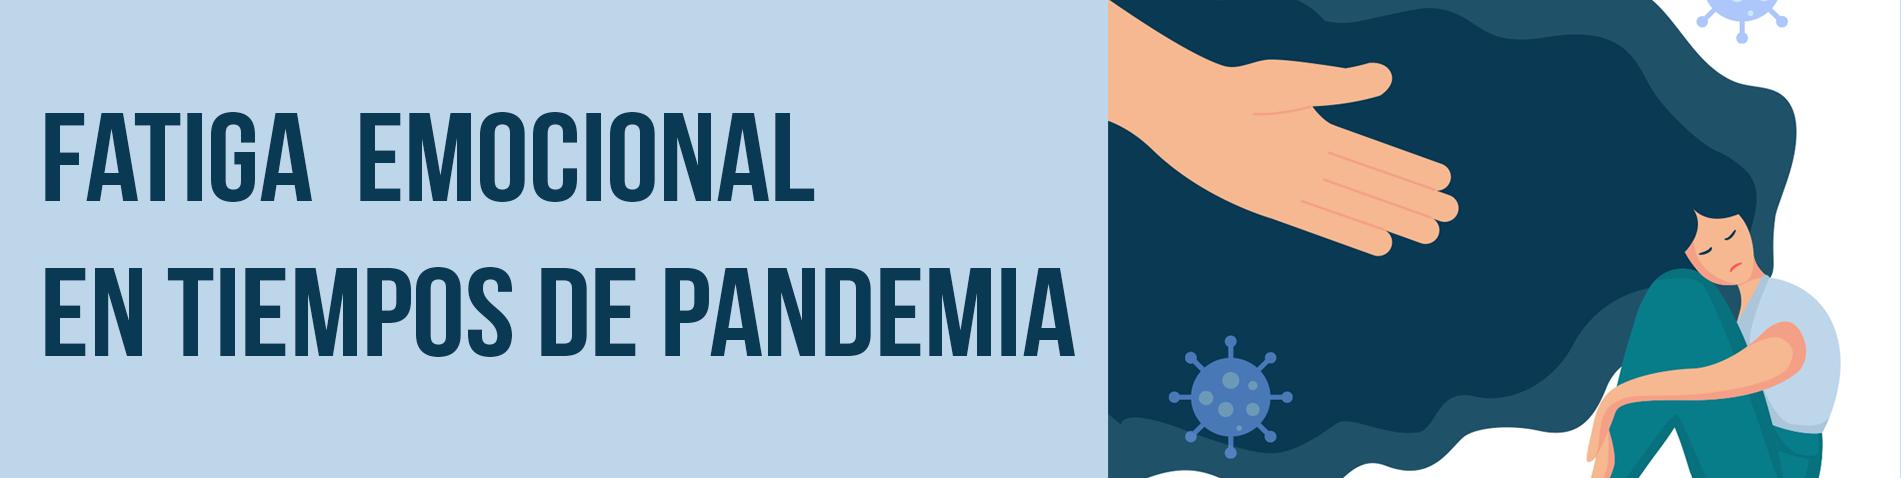 Fatiga emocional en tiempos de pandemia